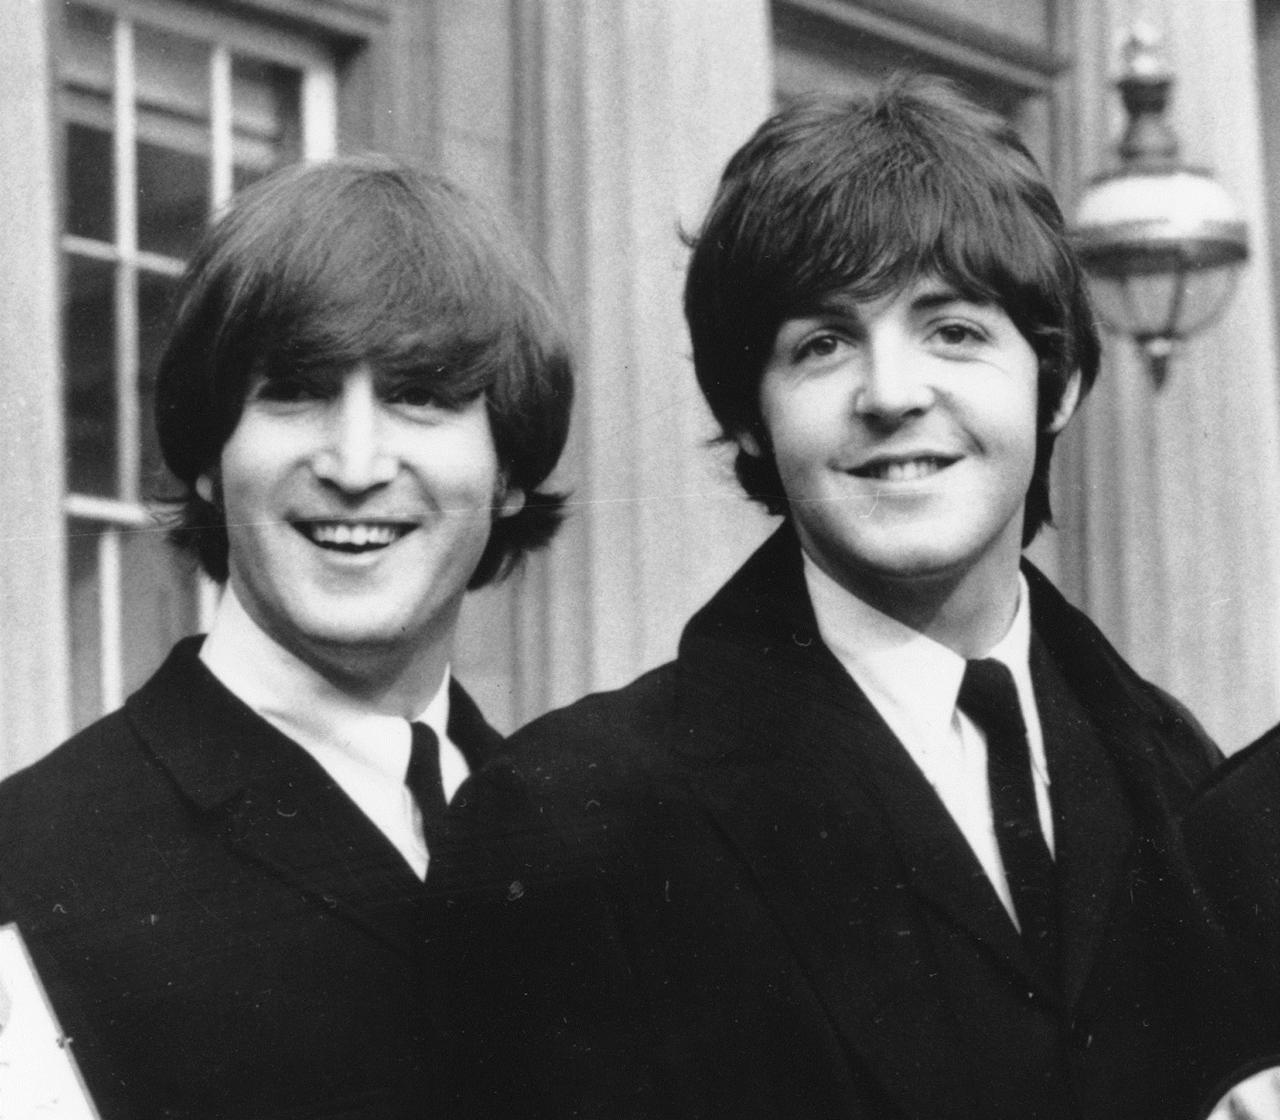 Paul McCartney 09